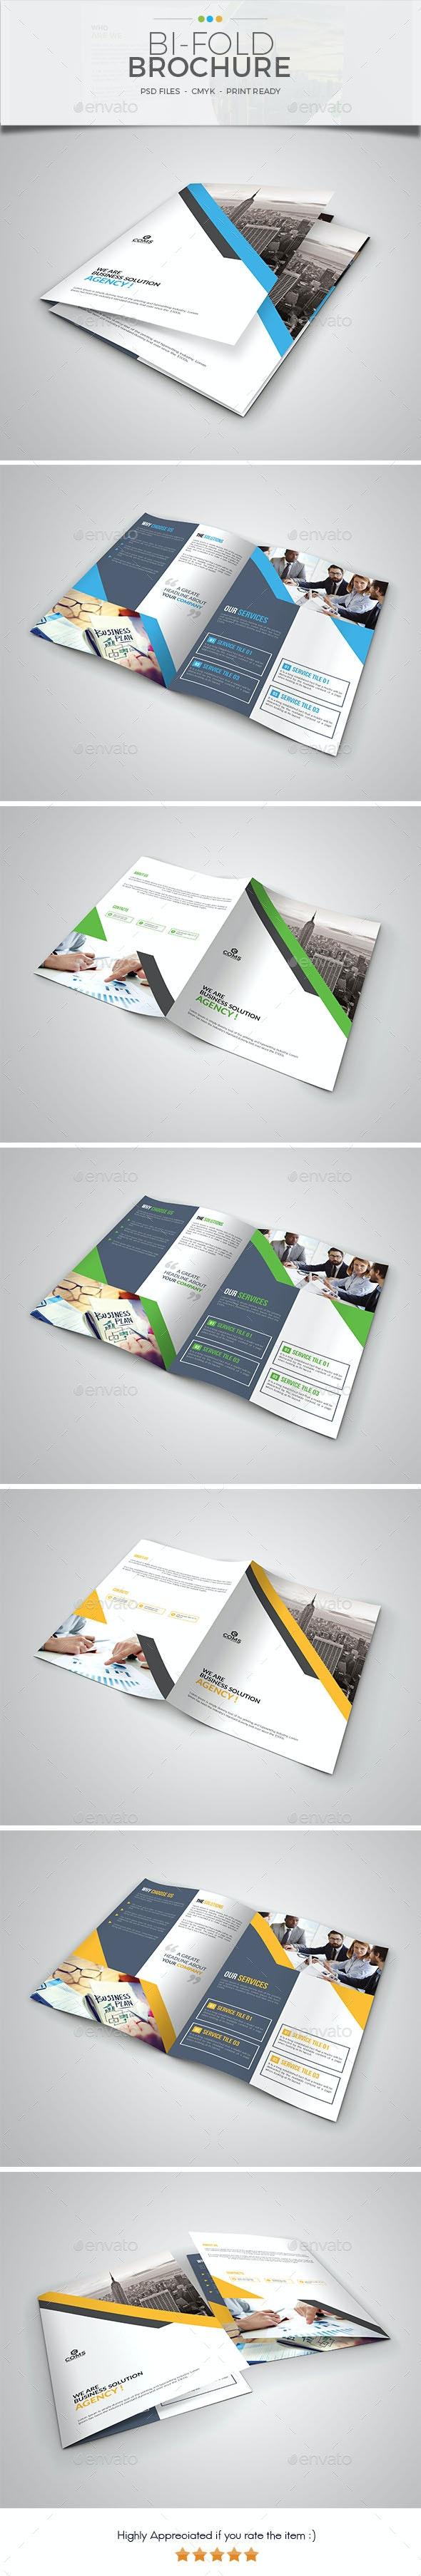 Corporate Bi Fold Brochure Template 05 - Corporate Brochures